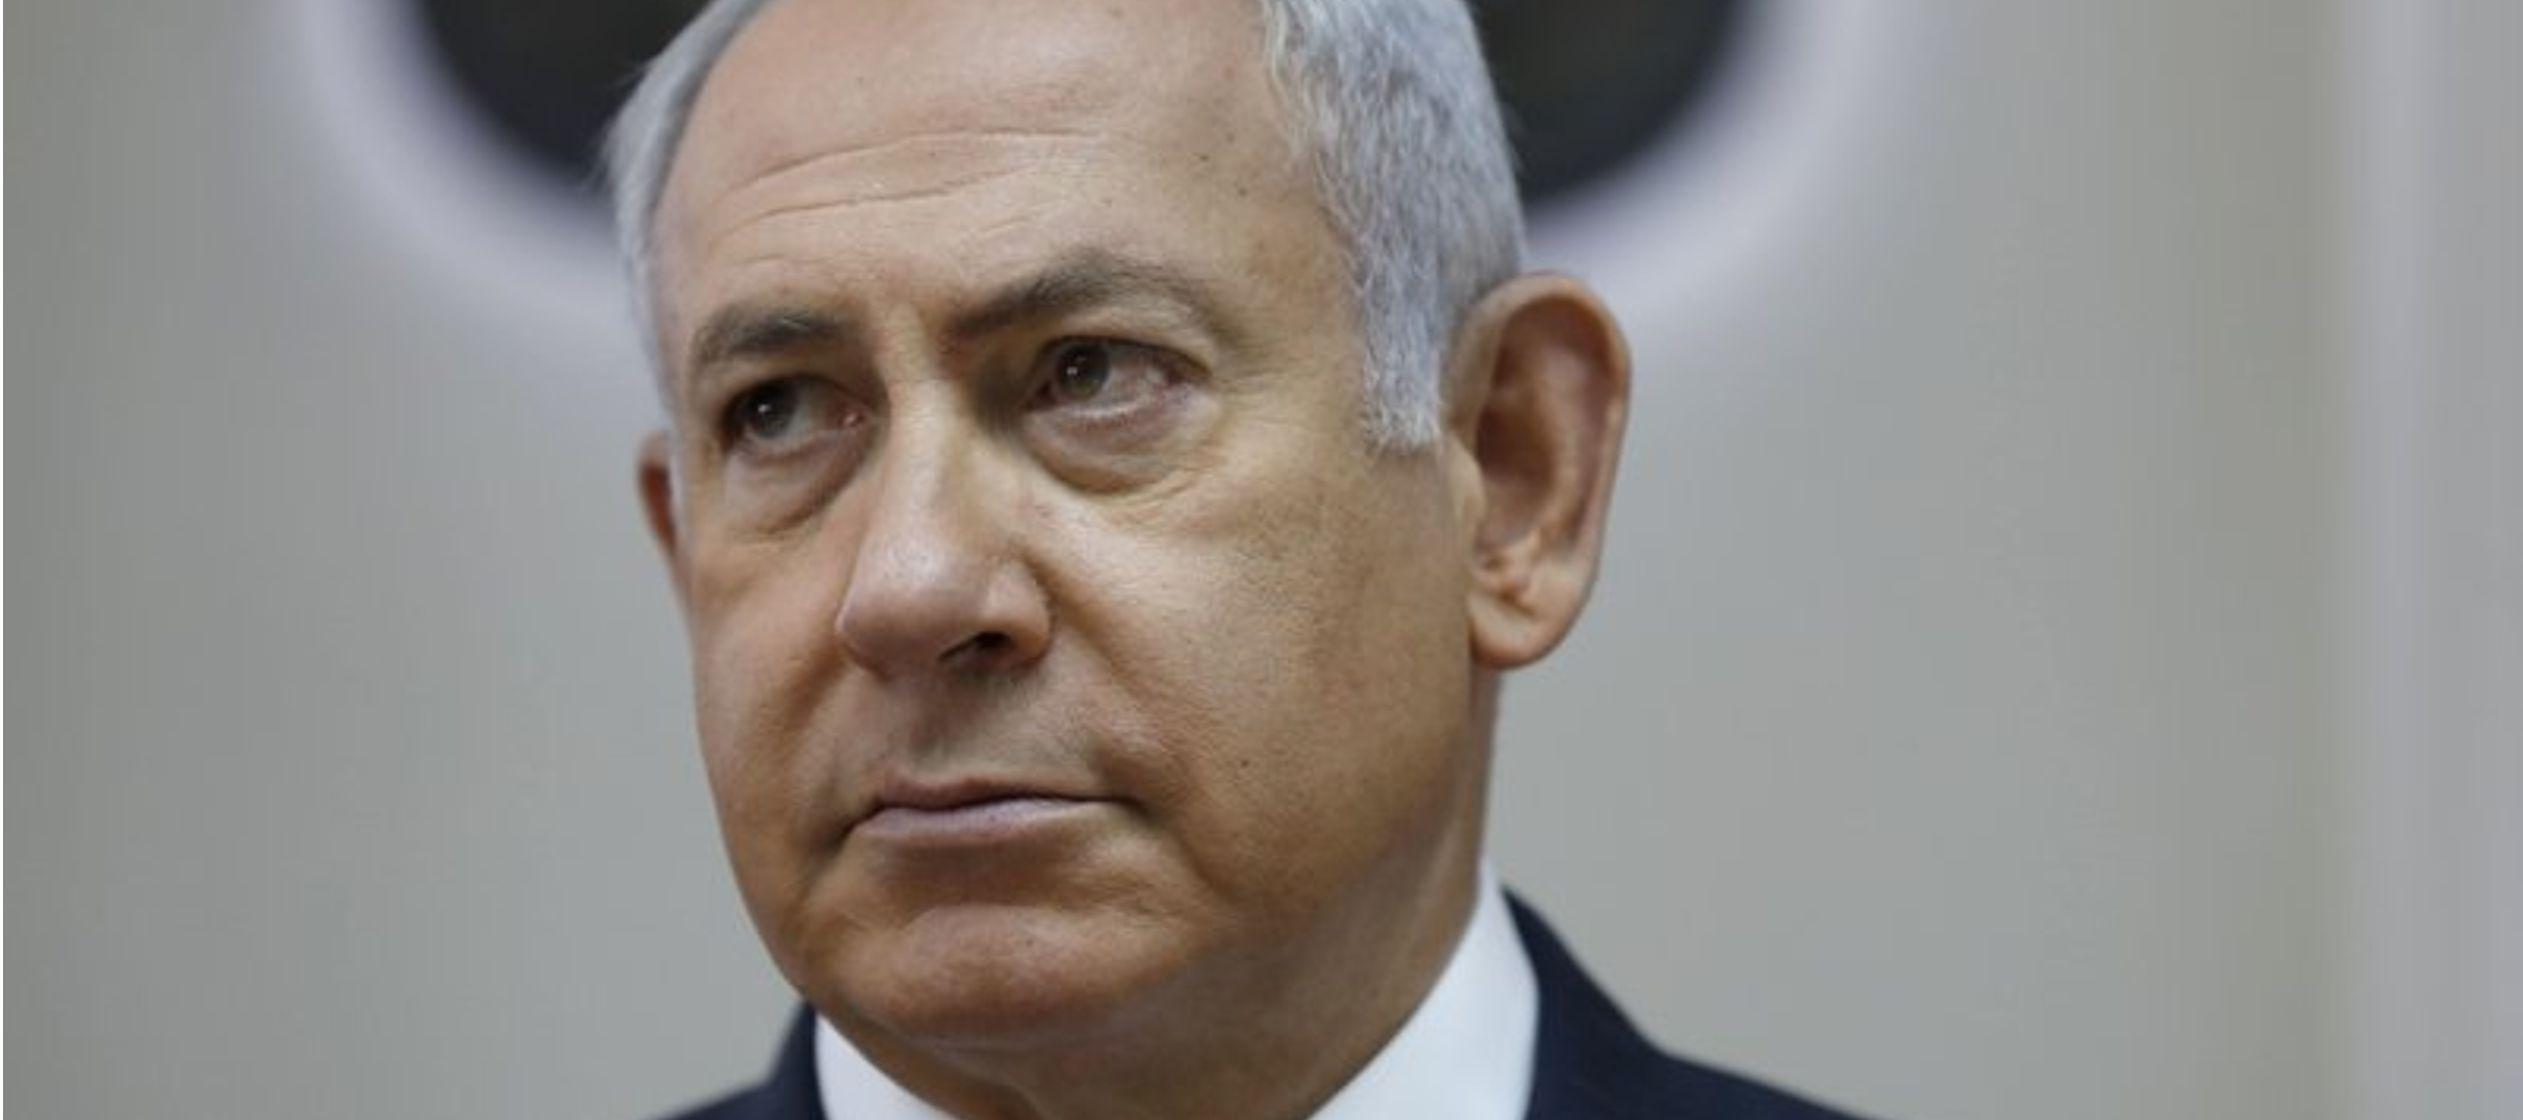 Desde entonces, Israel comenzó a construir una barrera bajo tierra y se jacta de usar...